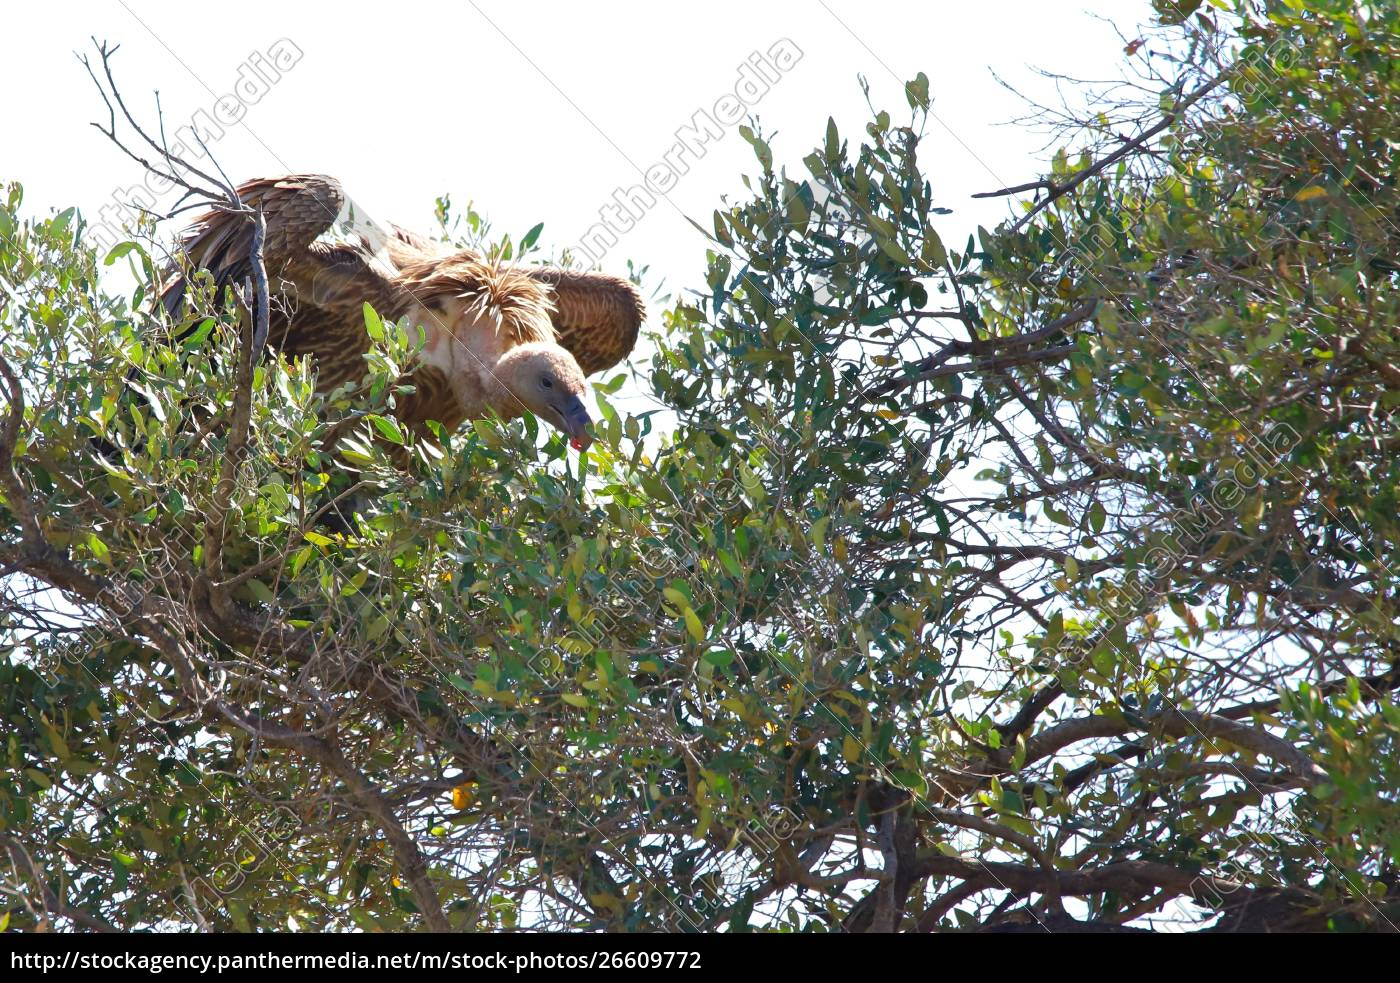 avvoltoio, seduto, su, un, albero, nel - 26609772